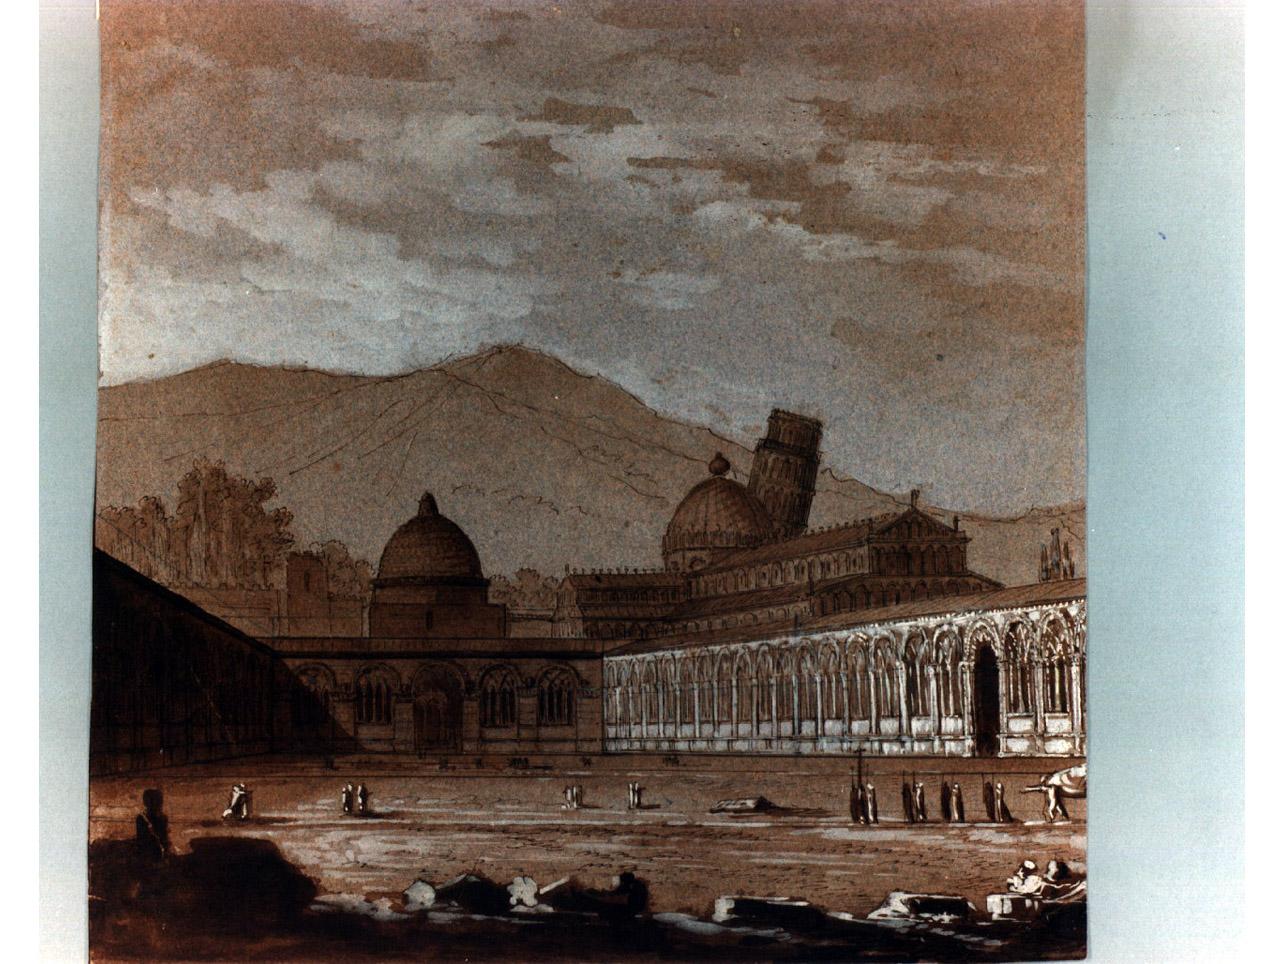 veduta di città (disegno, elemento d'insieme) di Niccolini Antonio (sec. XIX)